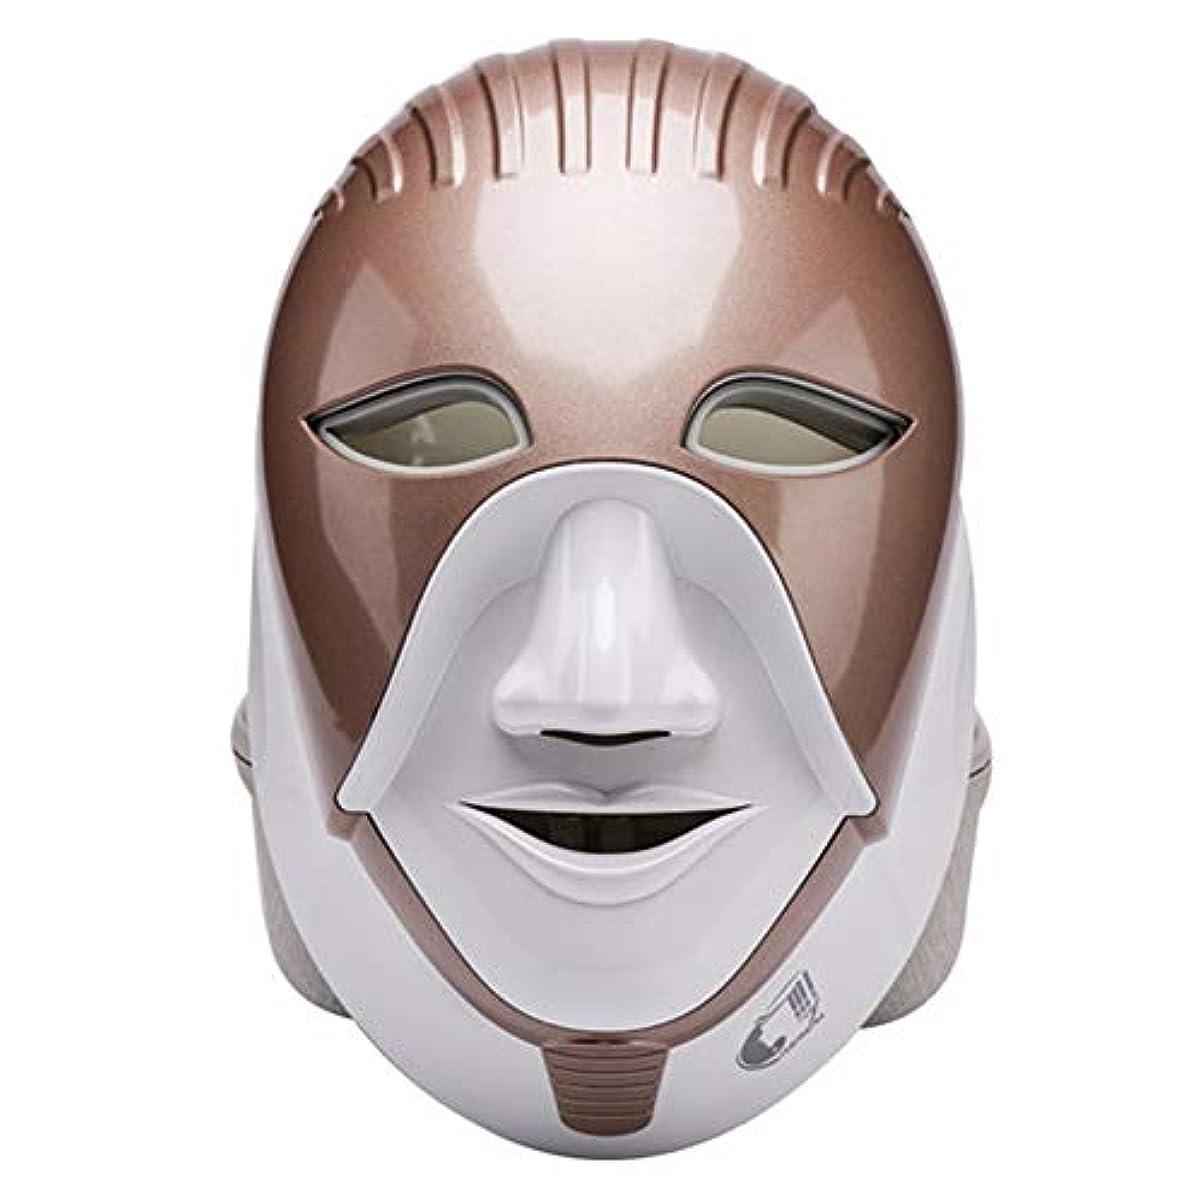 おもてなしごみ夏マスク、光線療法にきびマスク7色光をにきびに適用することができます。スポットにきび、引き締め肌ケアツール